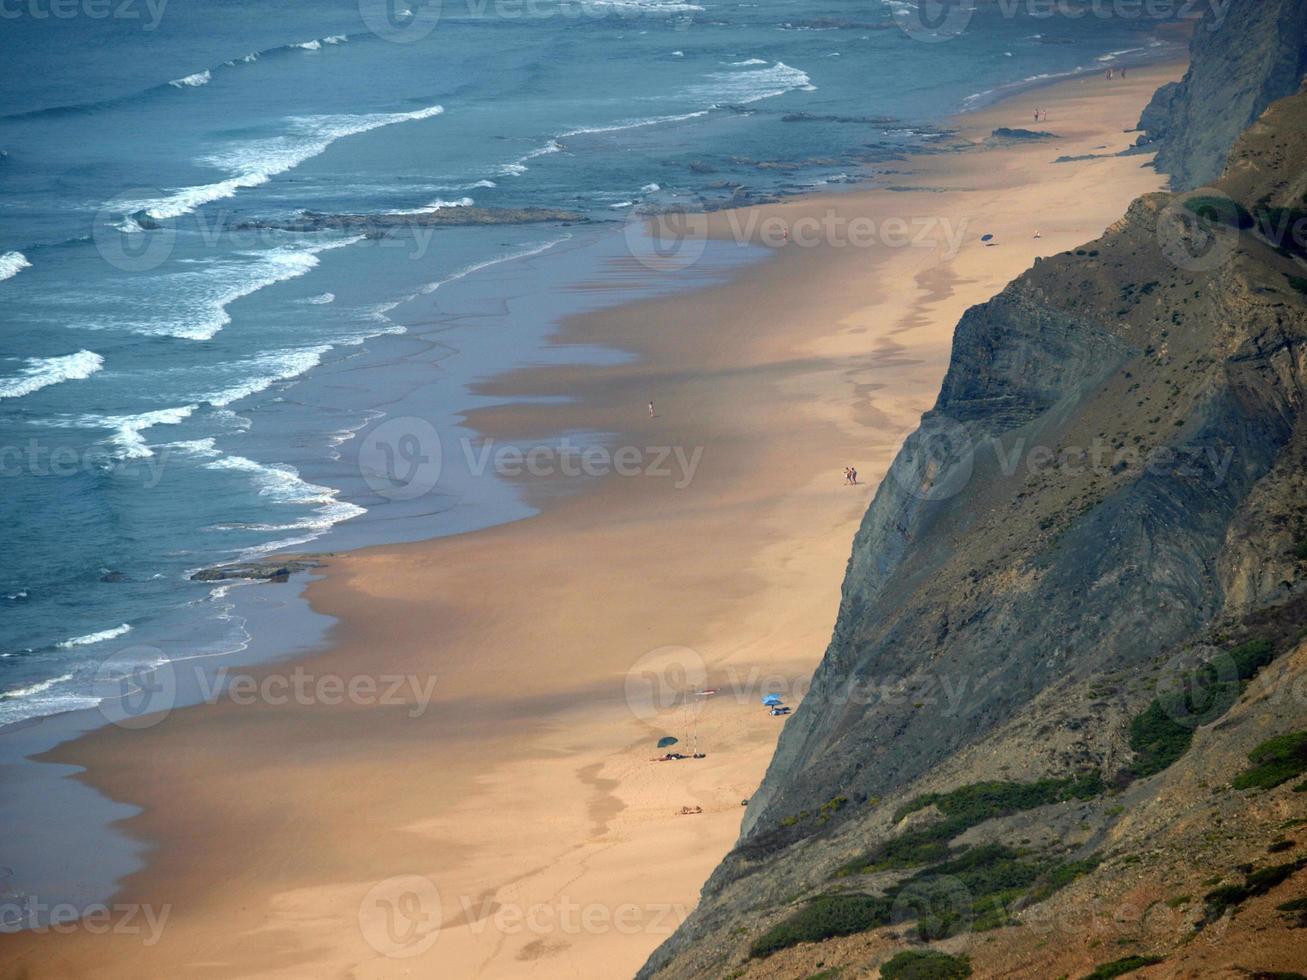 cordoama strand bij vila do bispo, algarve foto